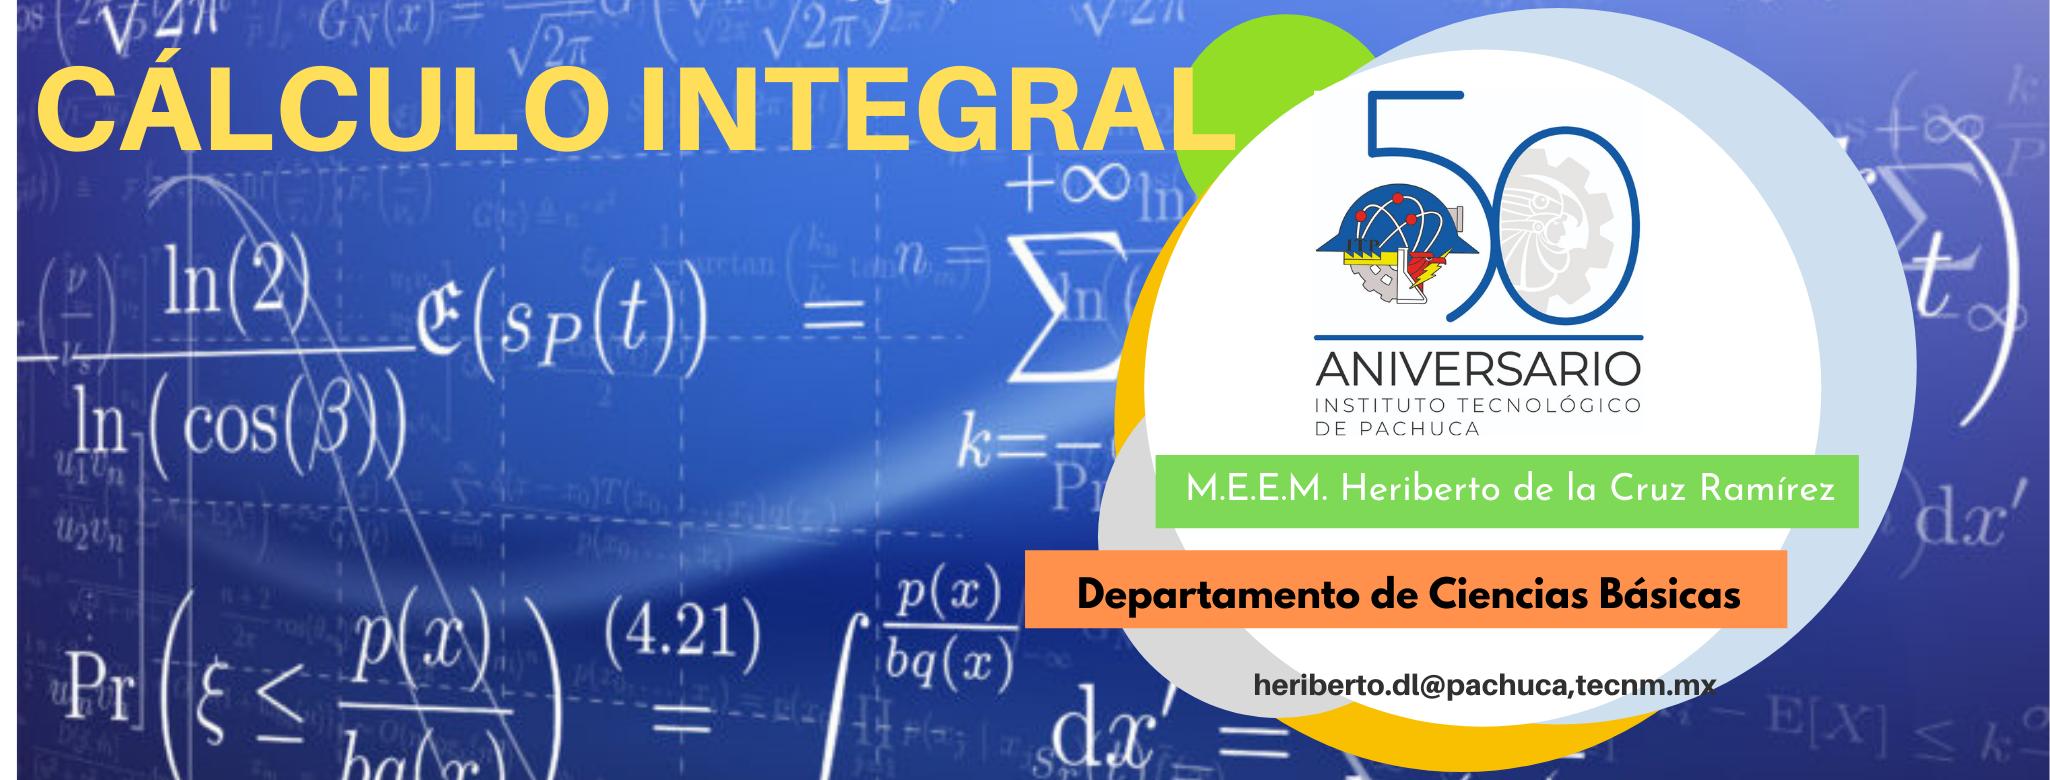 Cálculo Integral - M.E.E.M. Heriberto de la Cruz Ramírez